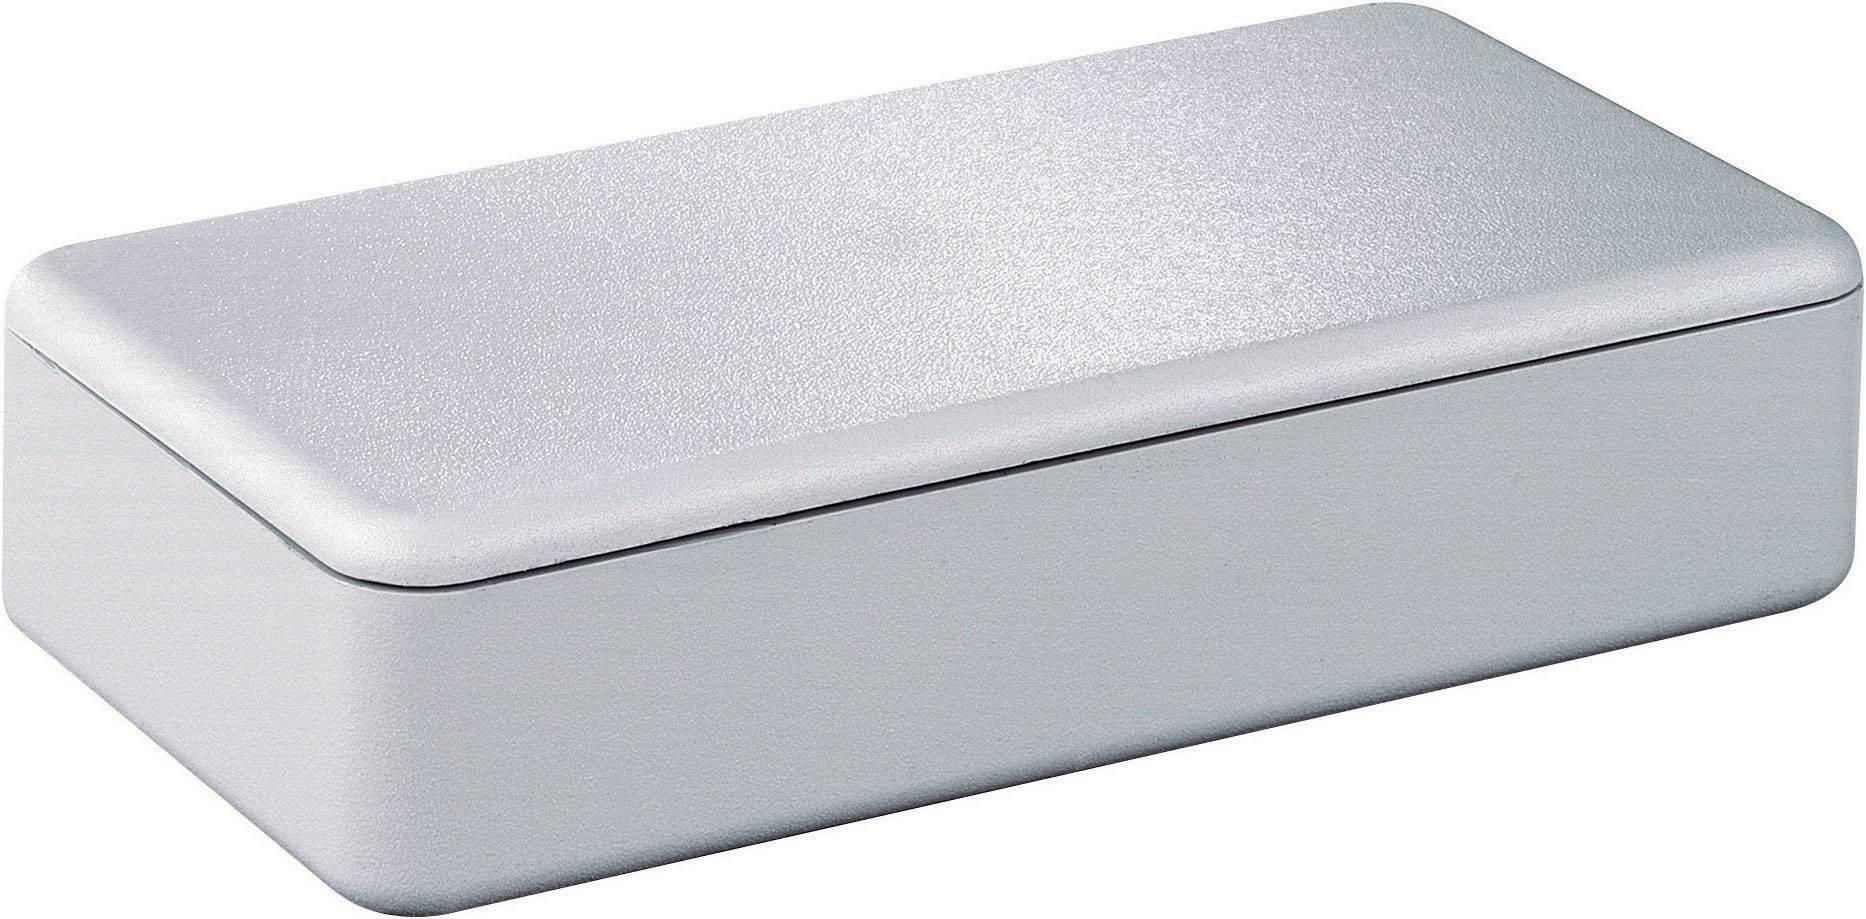 Univerzálne púzdro Strapubox 2410GR, (d x š x v) 100 x 51 x 25 mm, ABS, šedá, 1 ks